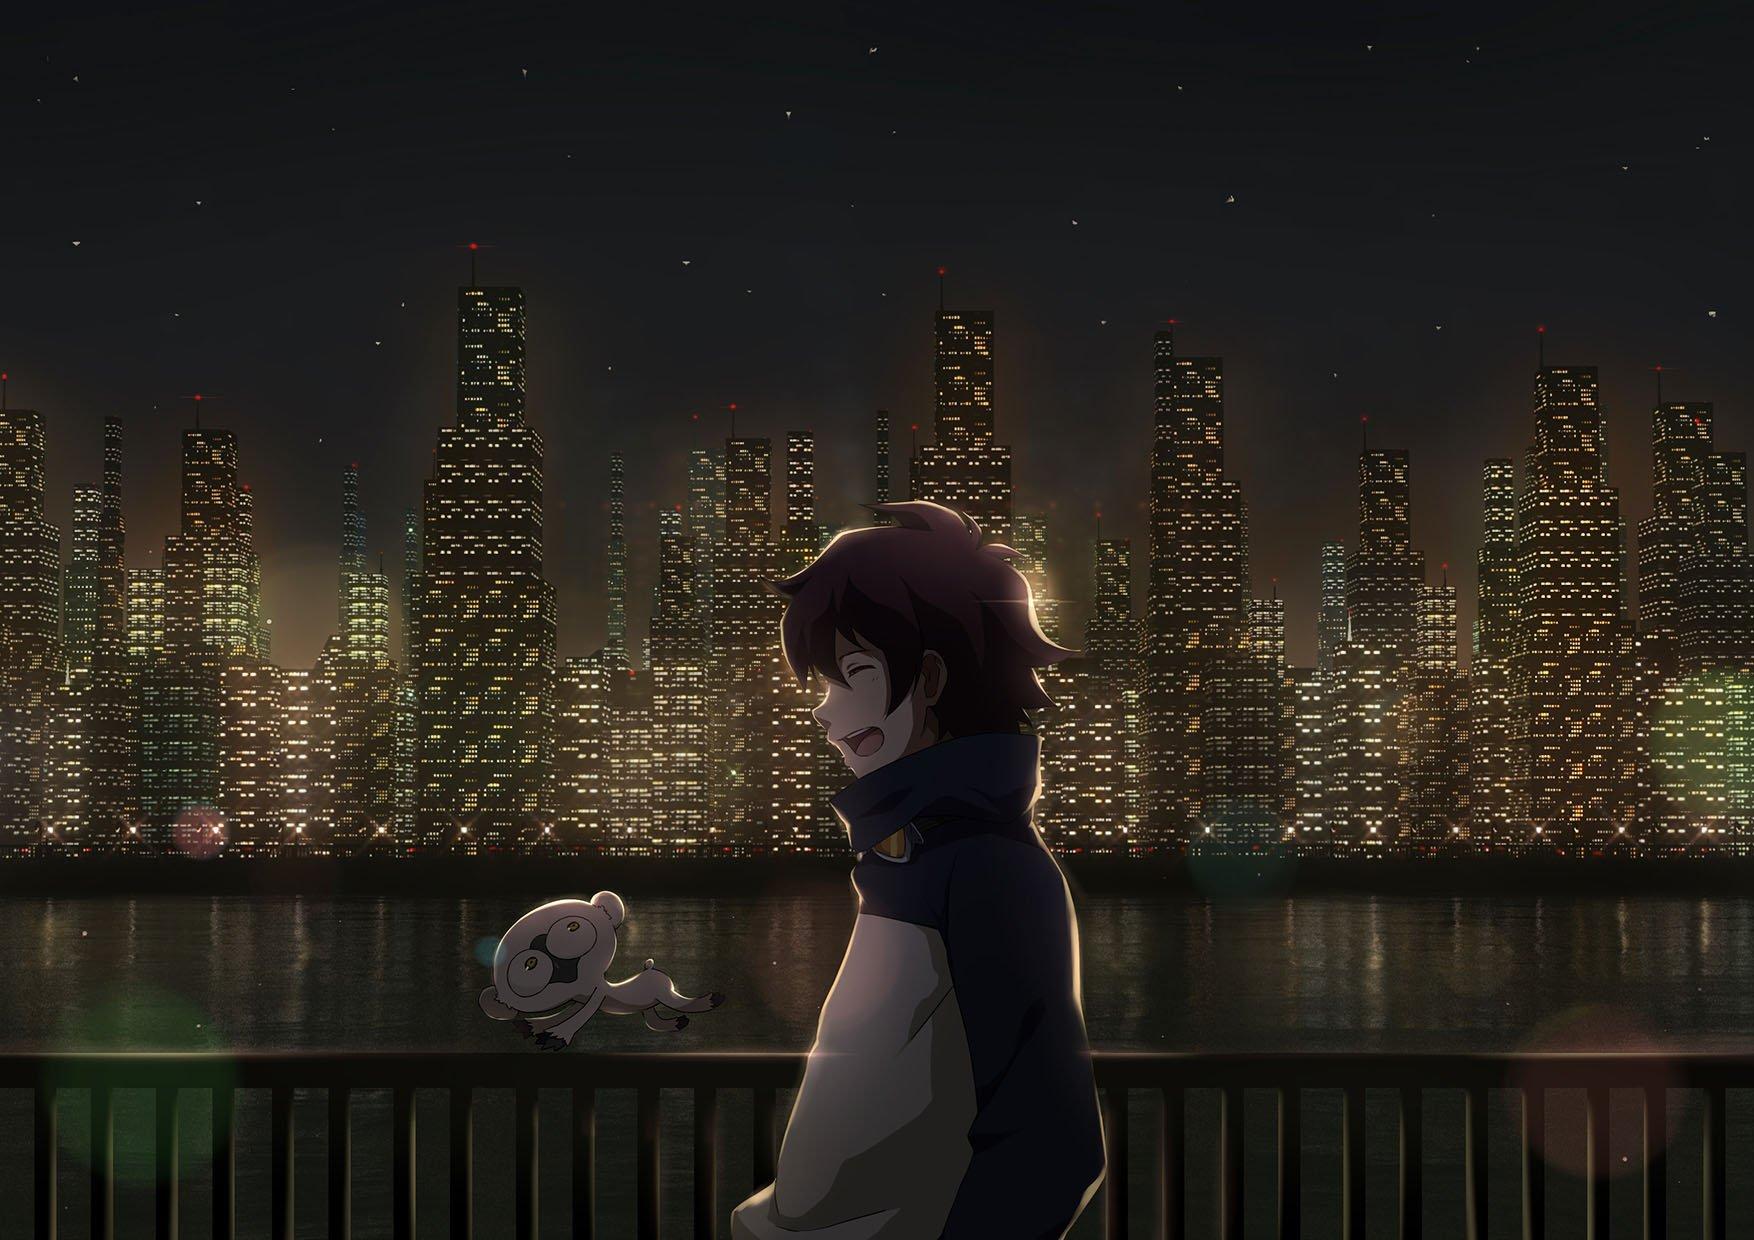 Kekkai Sensen season 3